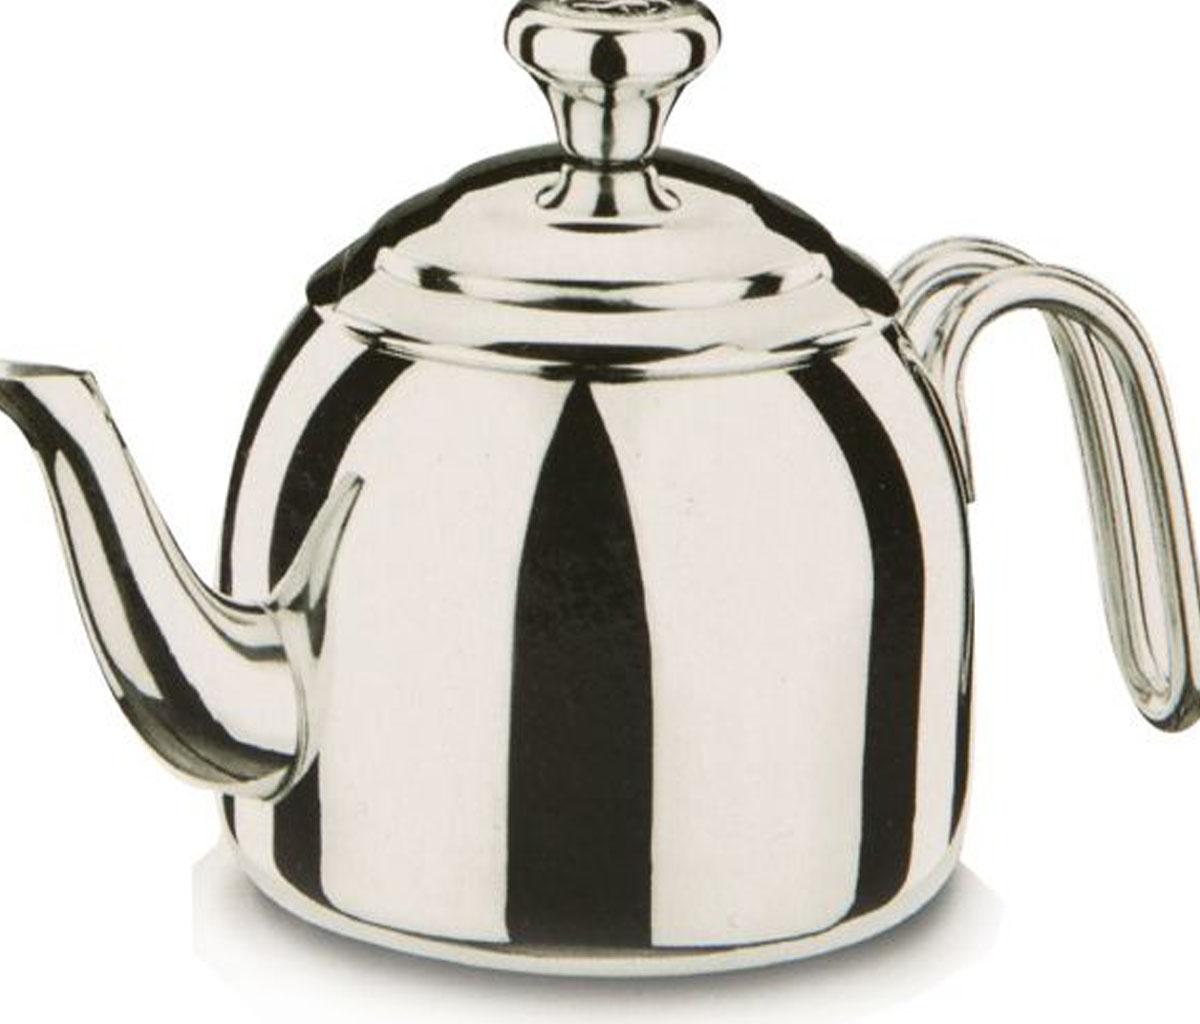 تفسير رؤية ابريق الشاي في المنام لابن سيرين